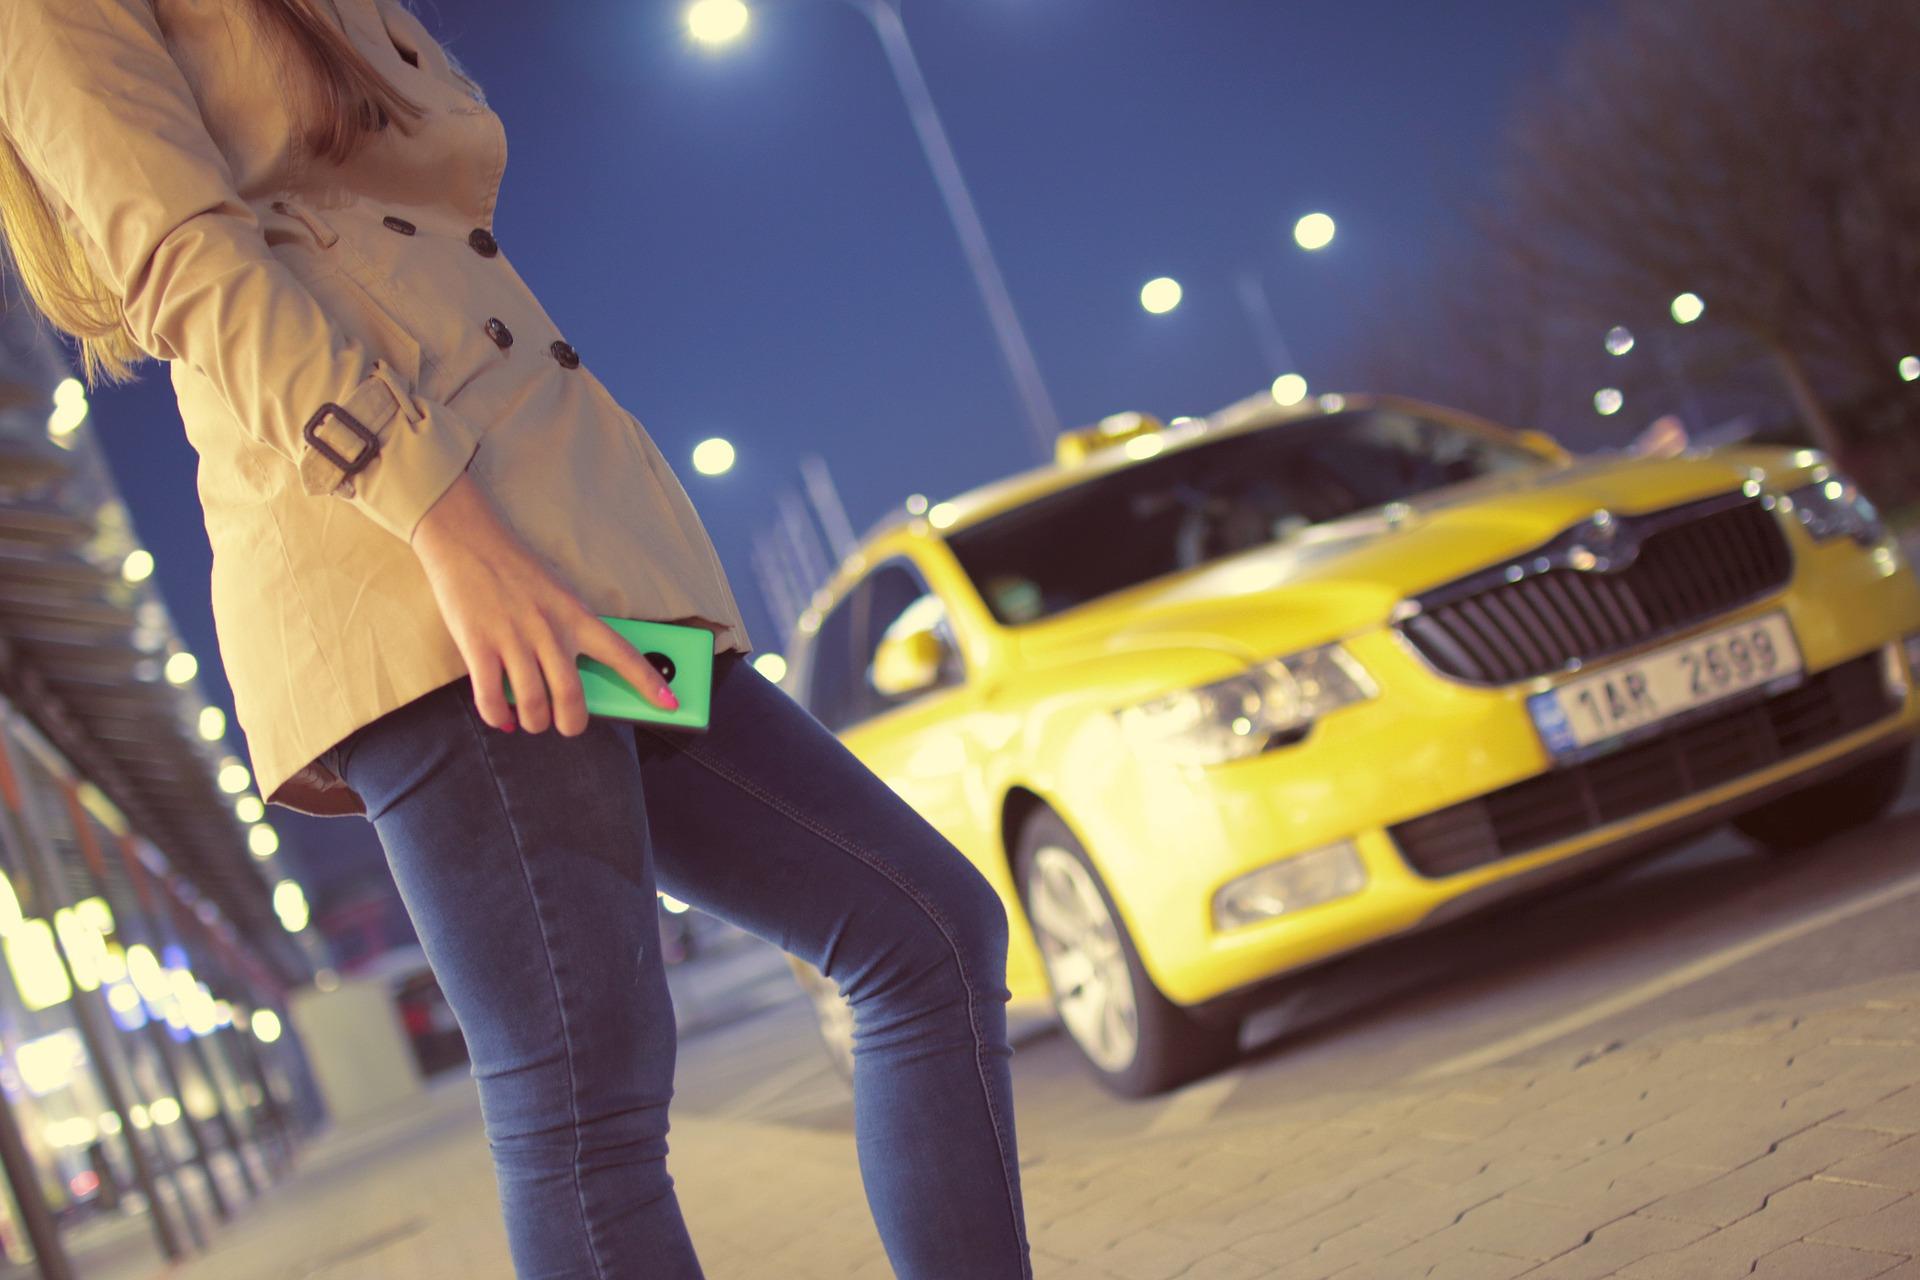 Huelga De Taxi